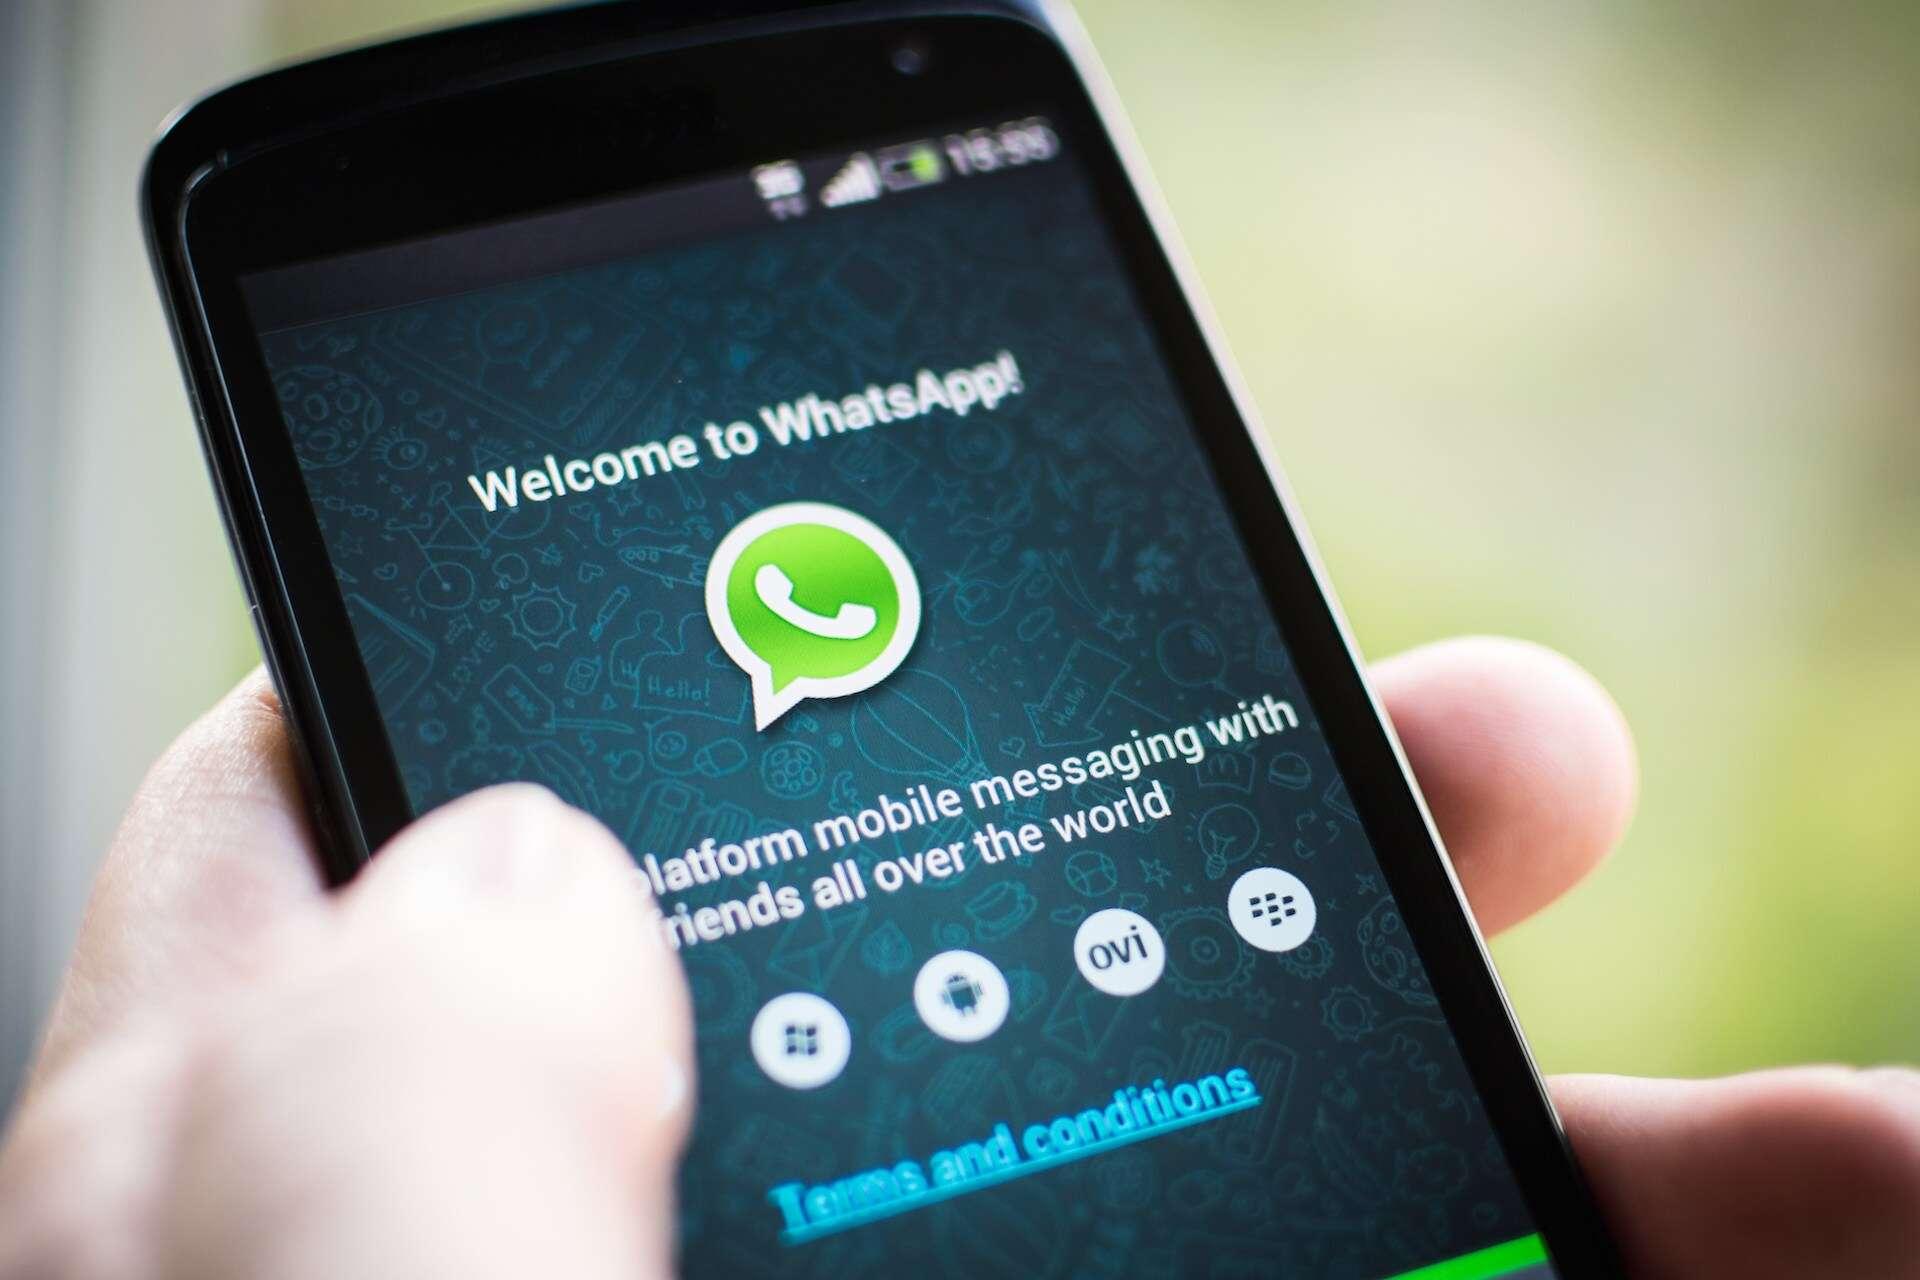 Uso exagerado do Whatsapp pode causar tendinite, afirma espcialistas